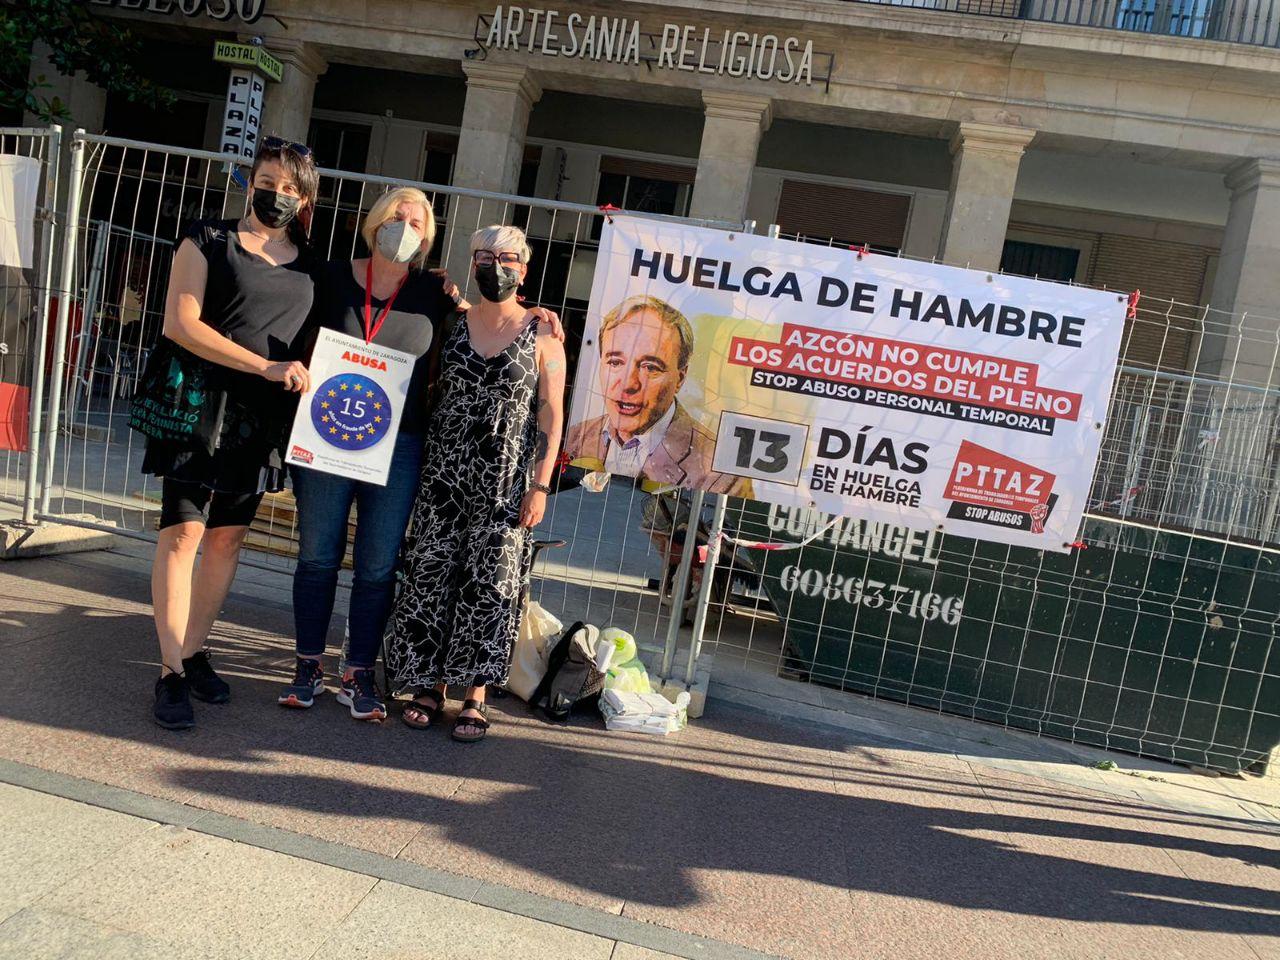 Entrevista con Raquel, interina en huelga de hambre